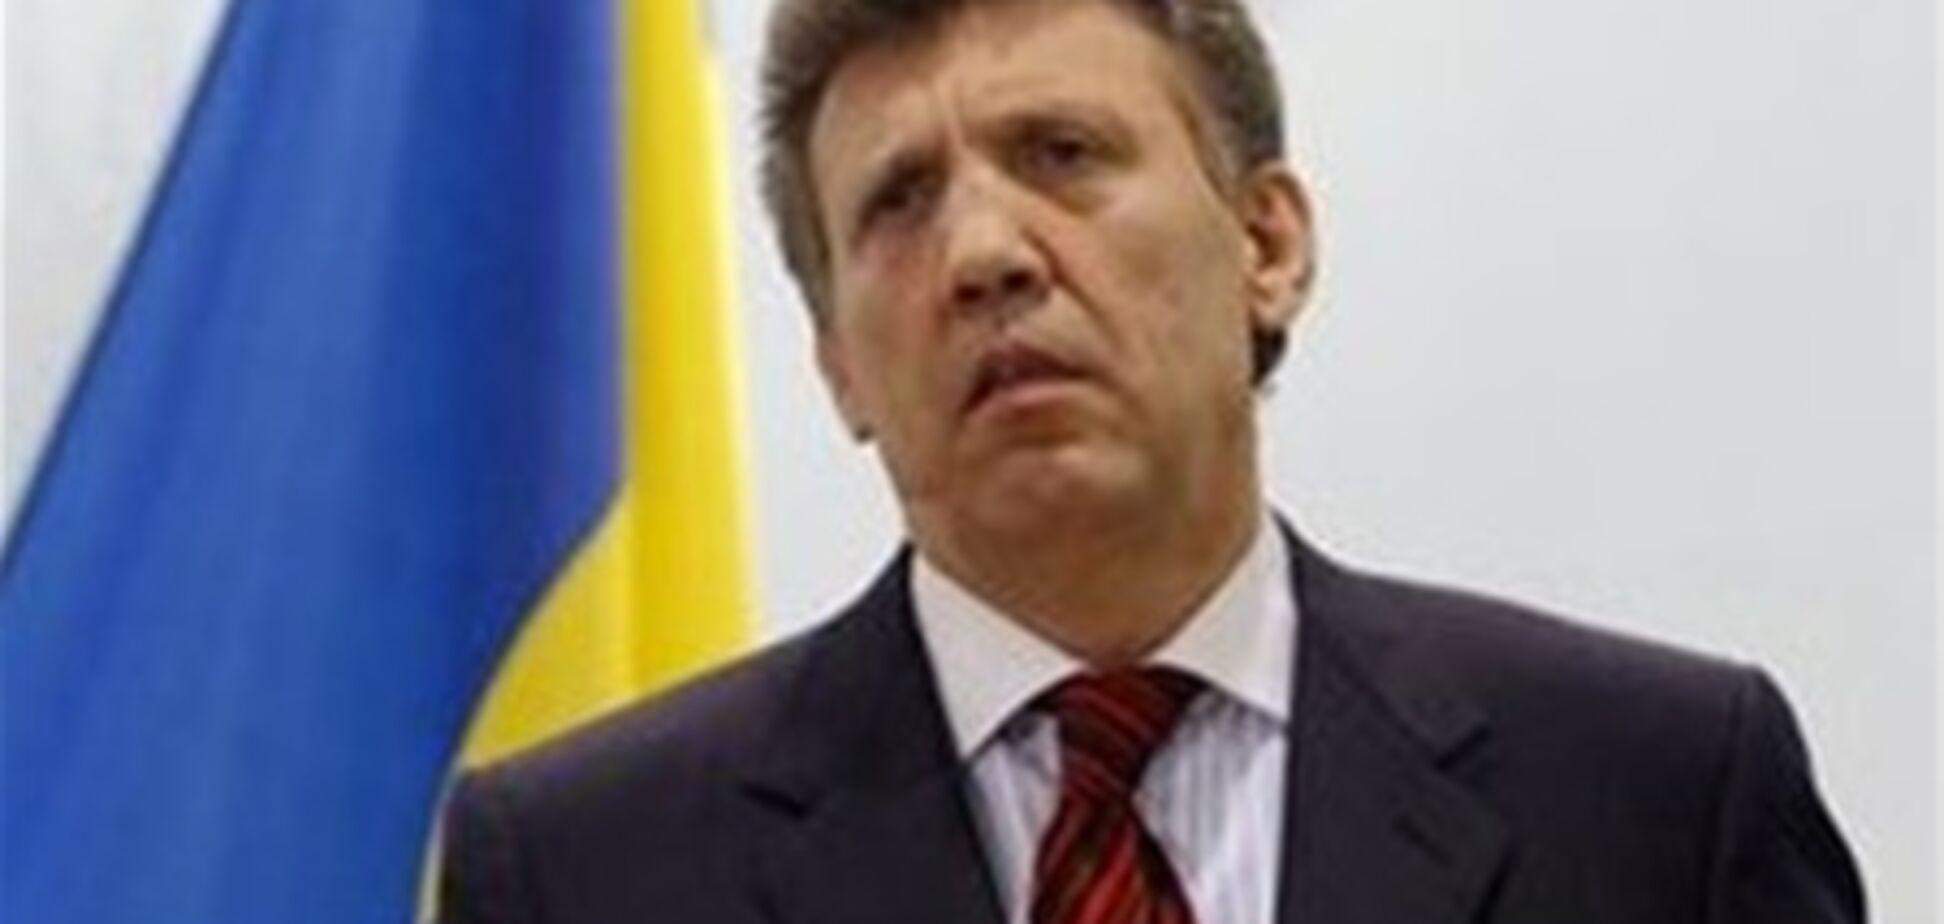 Комітет Ківалова заборонив відеозапис в судах